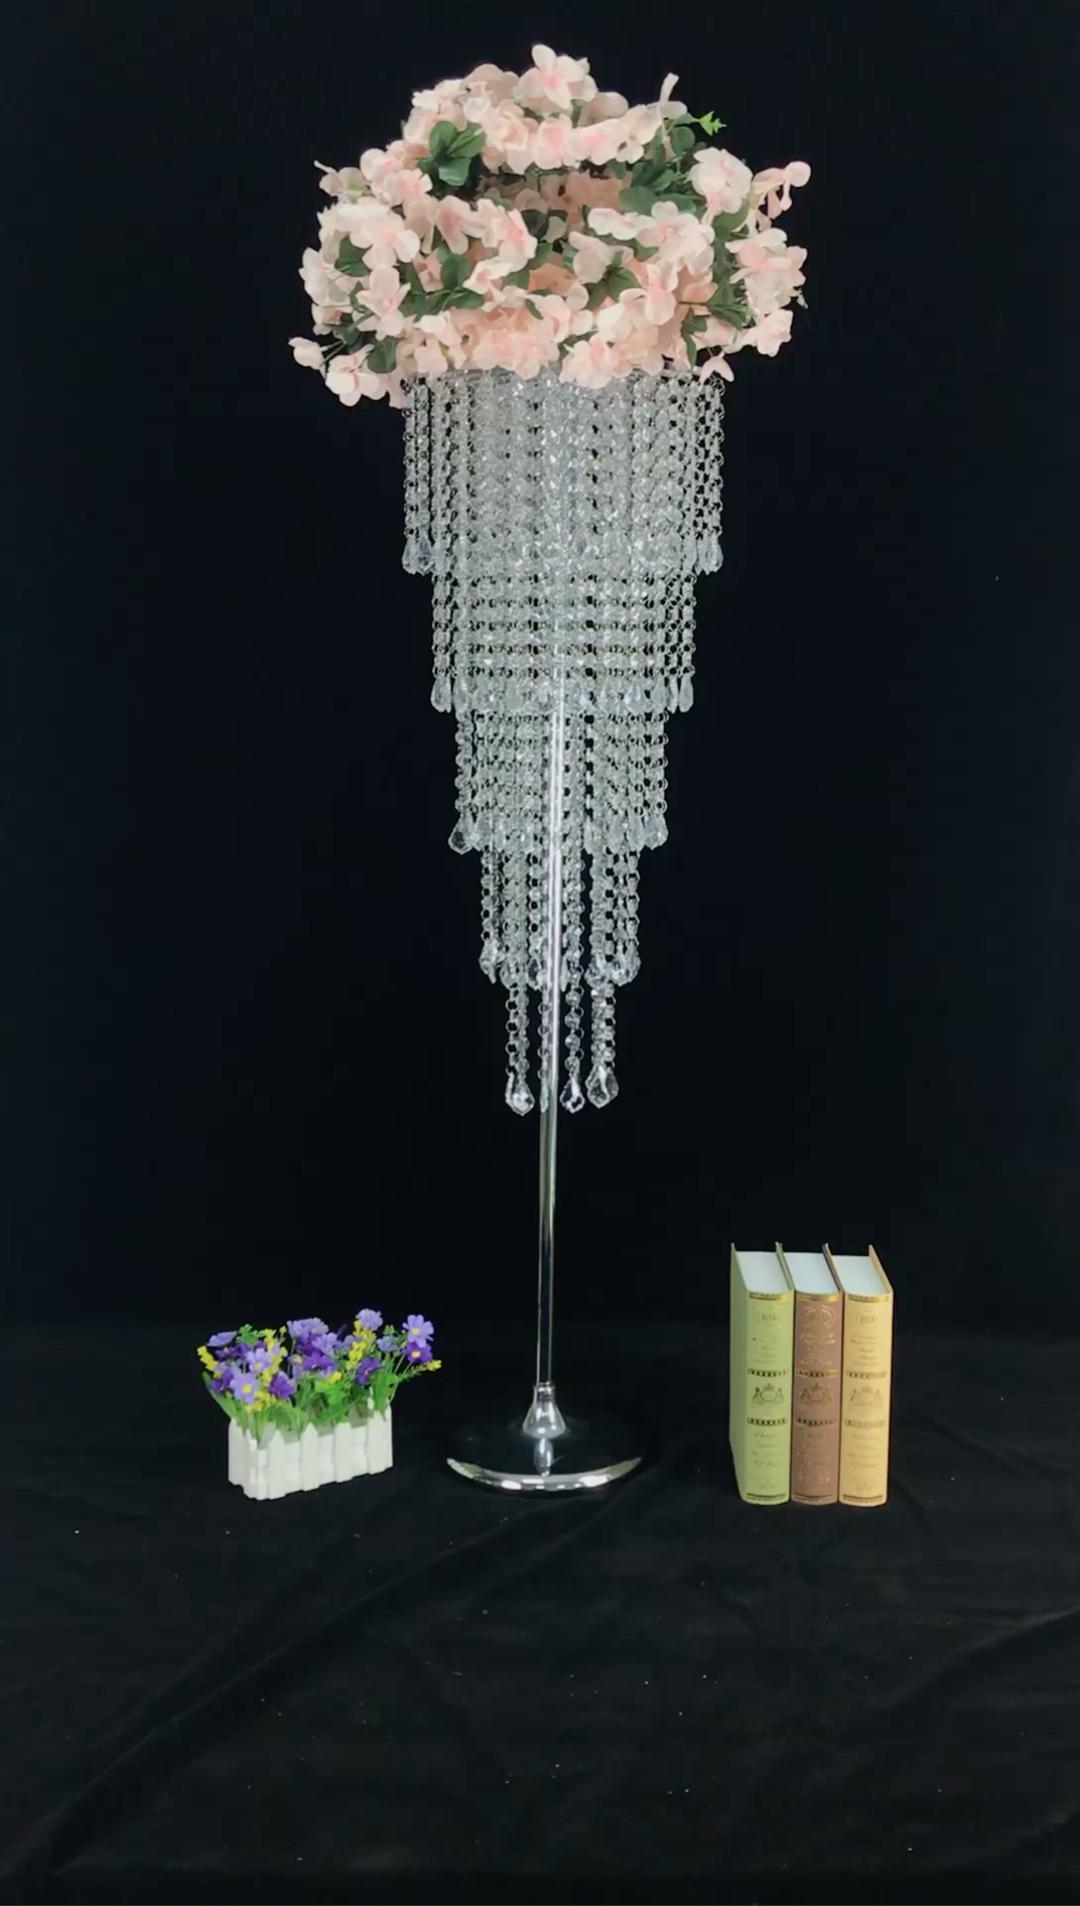 Centro de mesa para decoración de boda, mesa de boda de plata, soporte de flores, piezas centrales con hebras de cuentas acrílicas